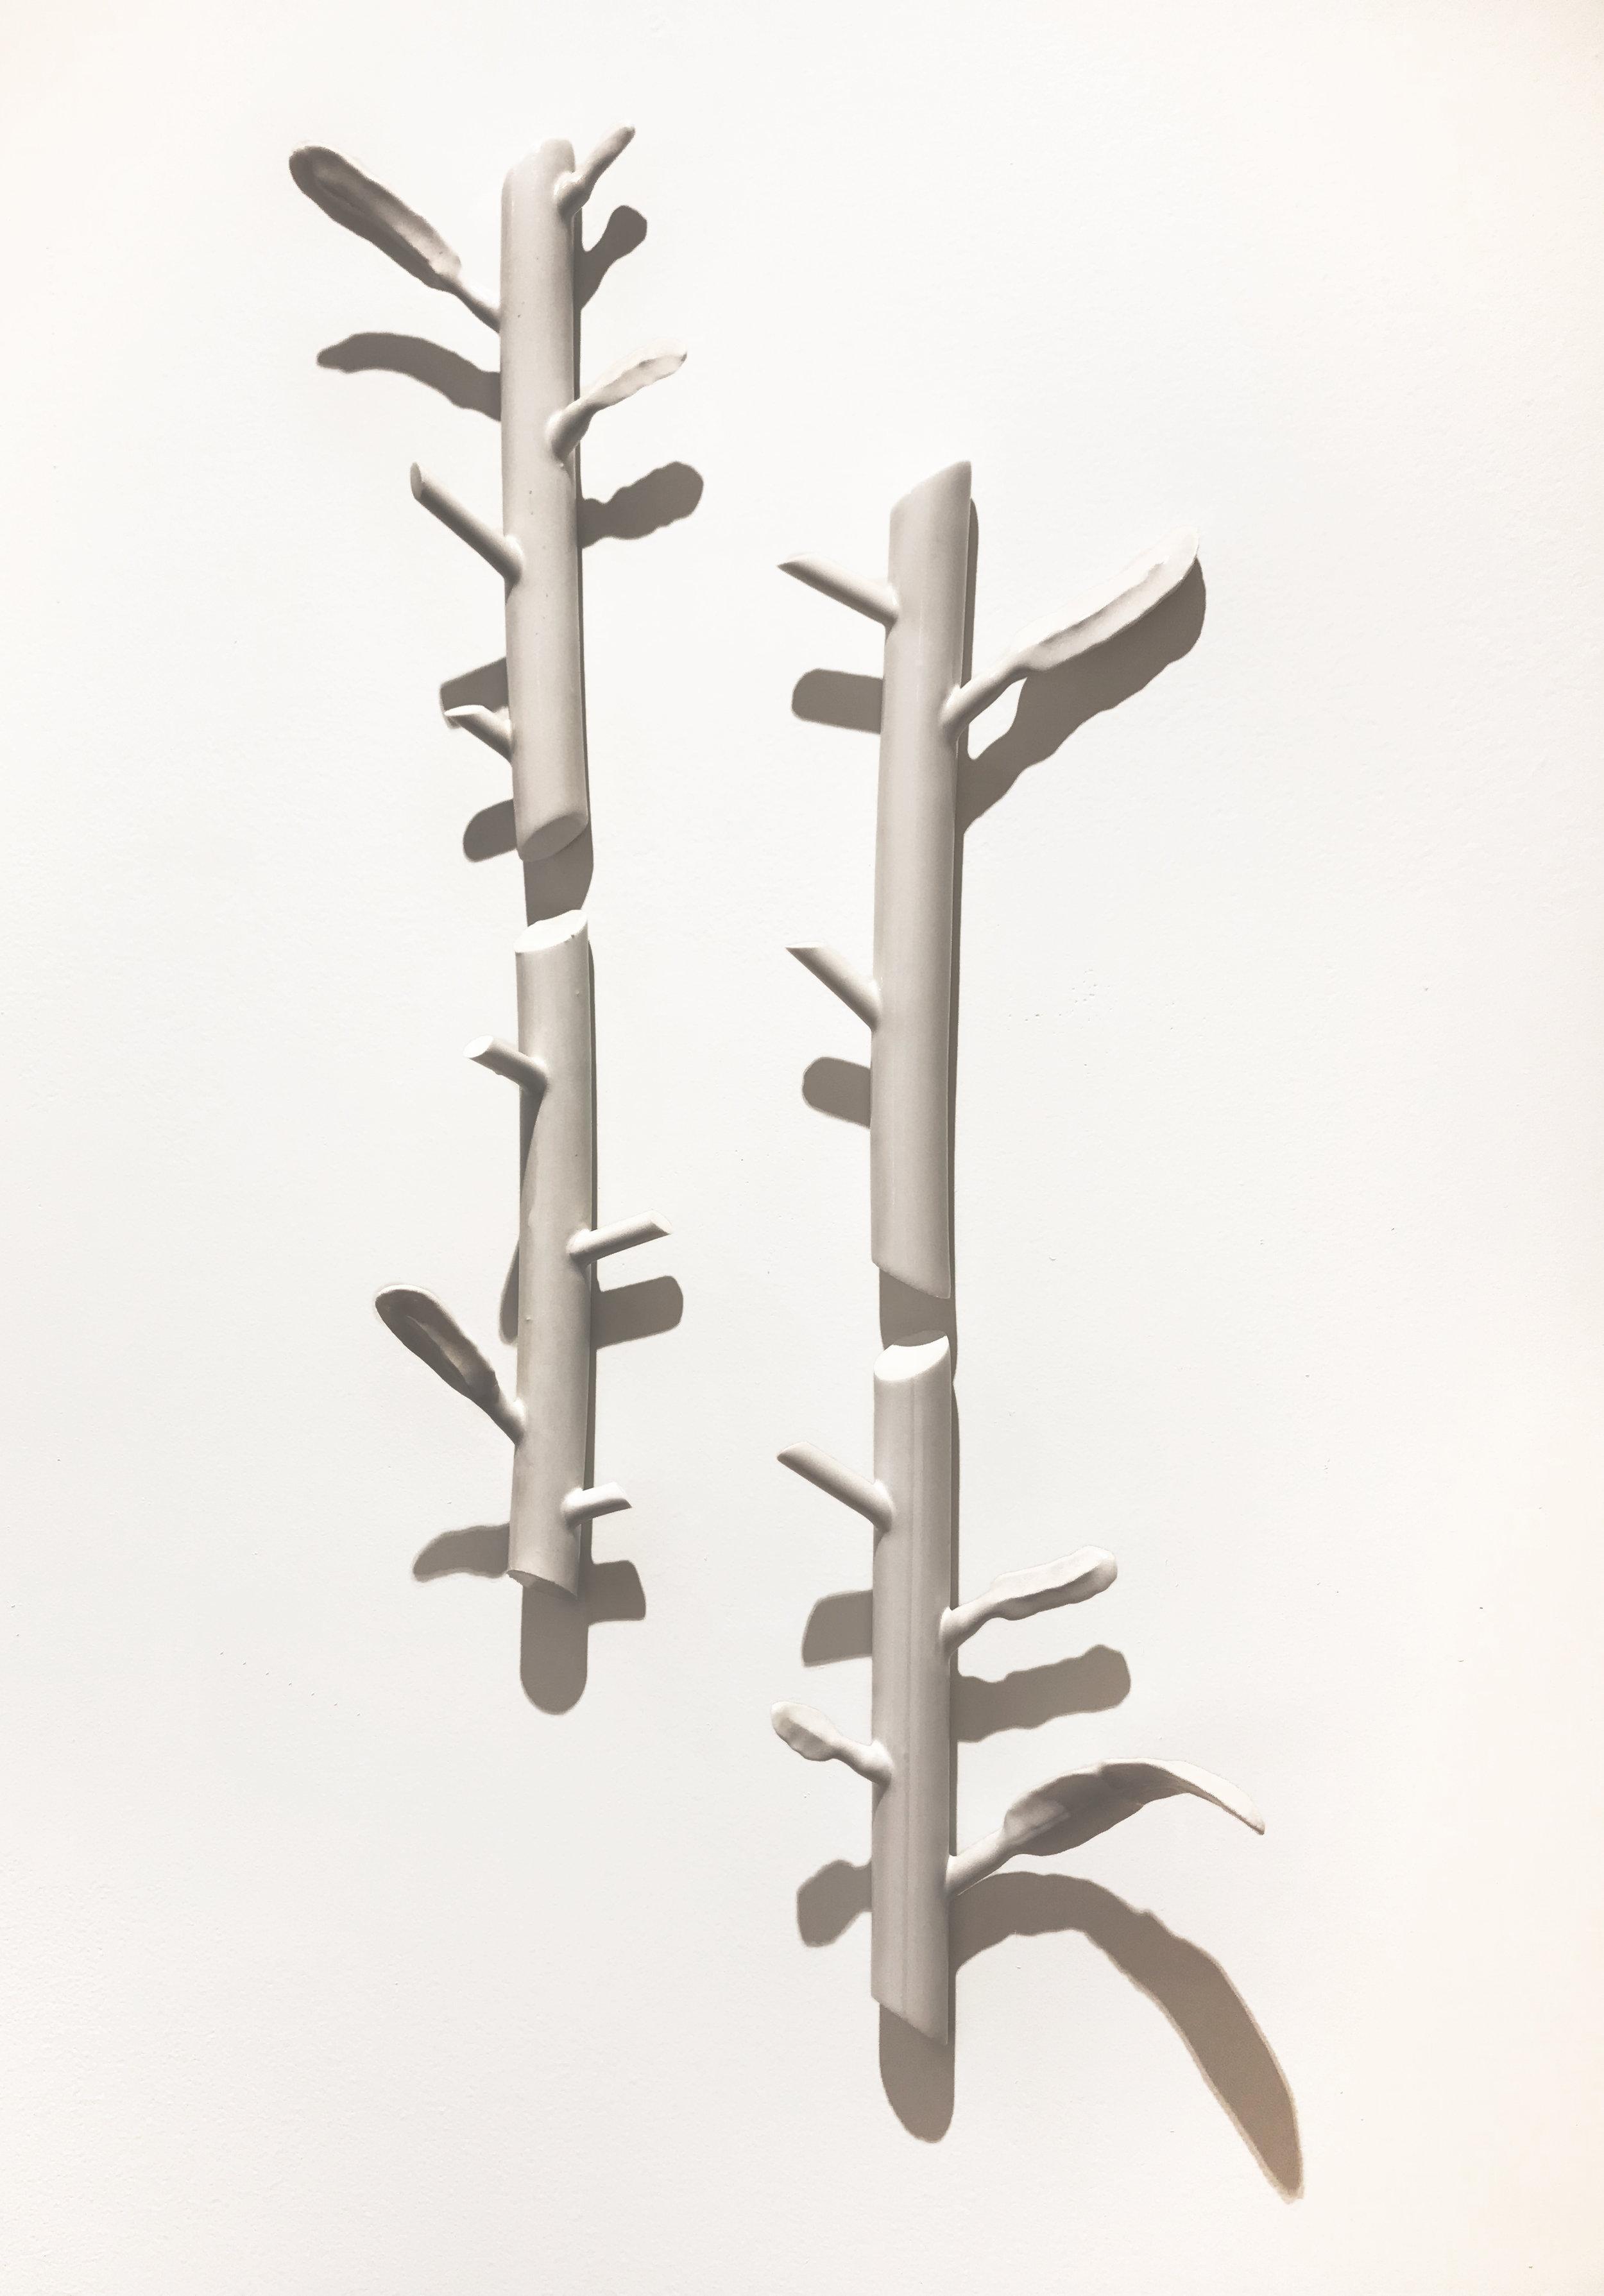 sculpture36.jpg